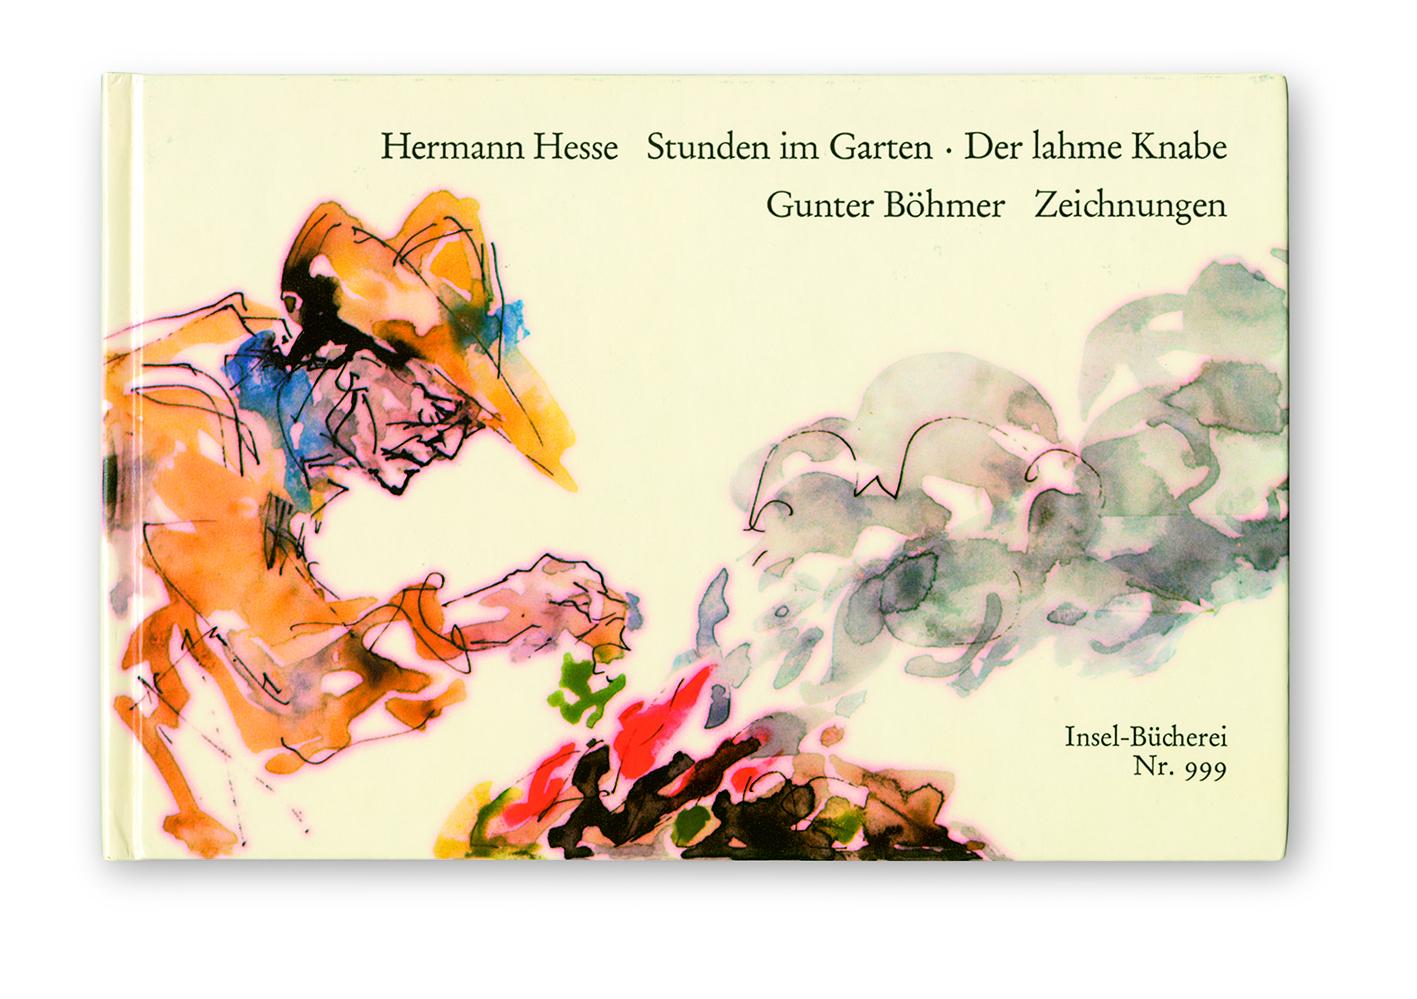 Gunter Böhmer, copertina di Hermann Hesse, Stunden im Garten (Ore in giardino), Erschienen im Insel Verlag 1952, Suhrkamp Verlag 1976